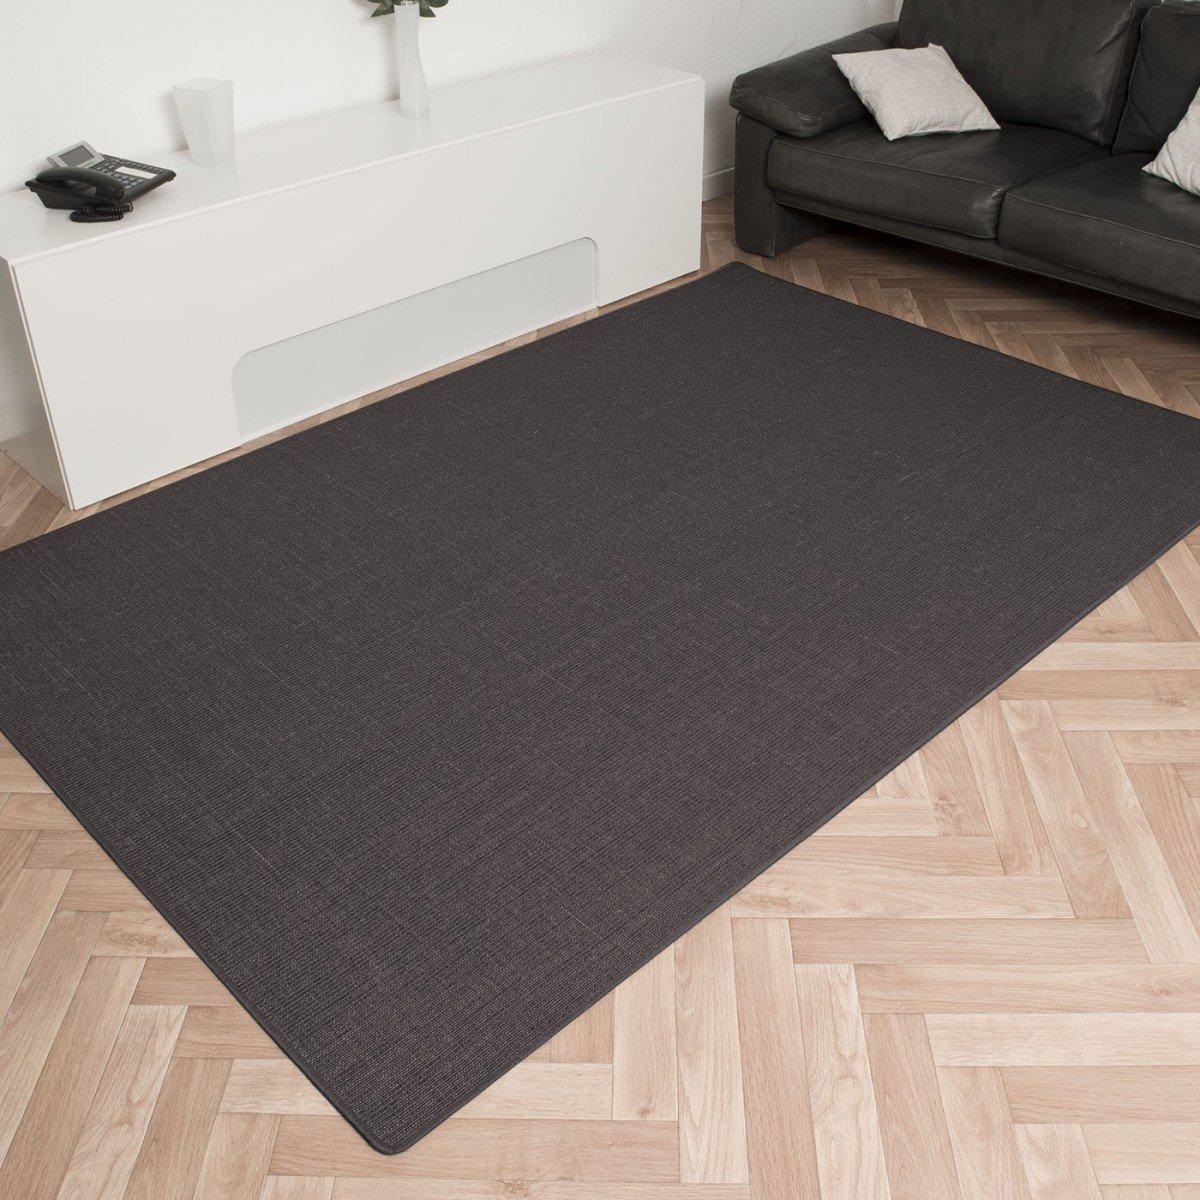 Havatex: Sisal Teppich Trumpf Grau / hypoallergene Naturfaser / schadstoffgeprüft pflegeleicht schmutzabweisend robust strapazierfähig / ideal für Wohnzimmer Schlafzimmer Kinderzimmer Flur , Größe Auswählen:270 x 400 cm